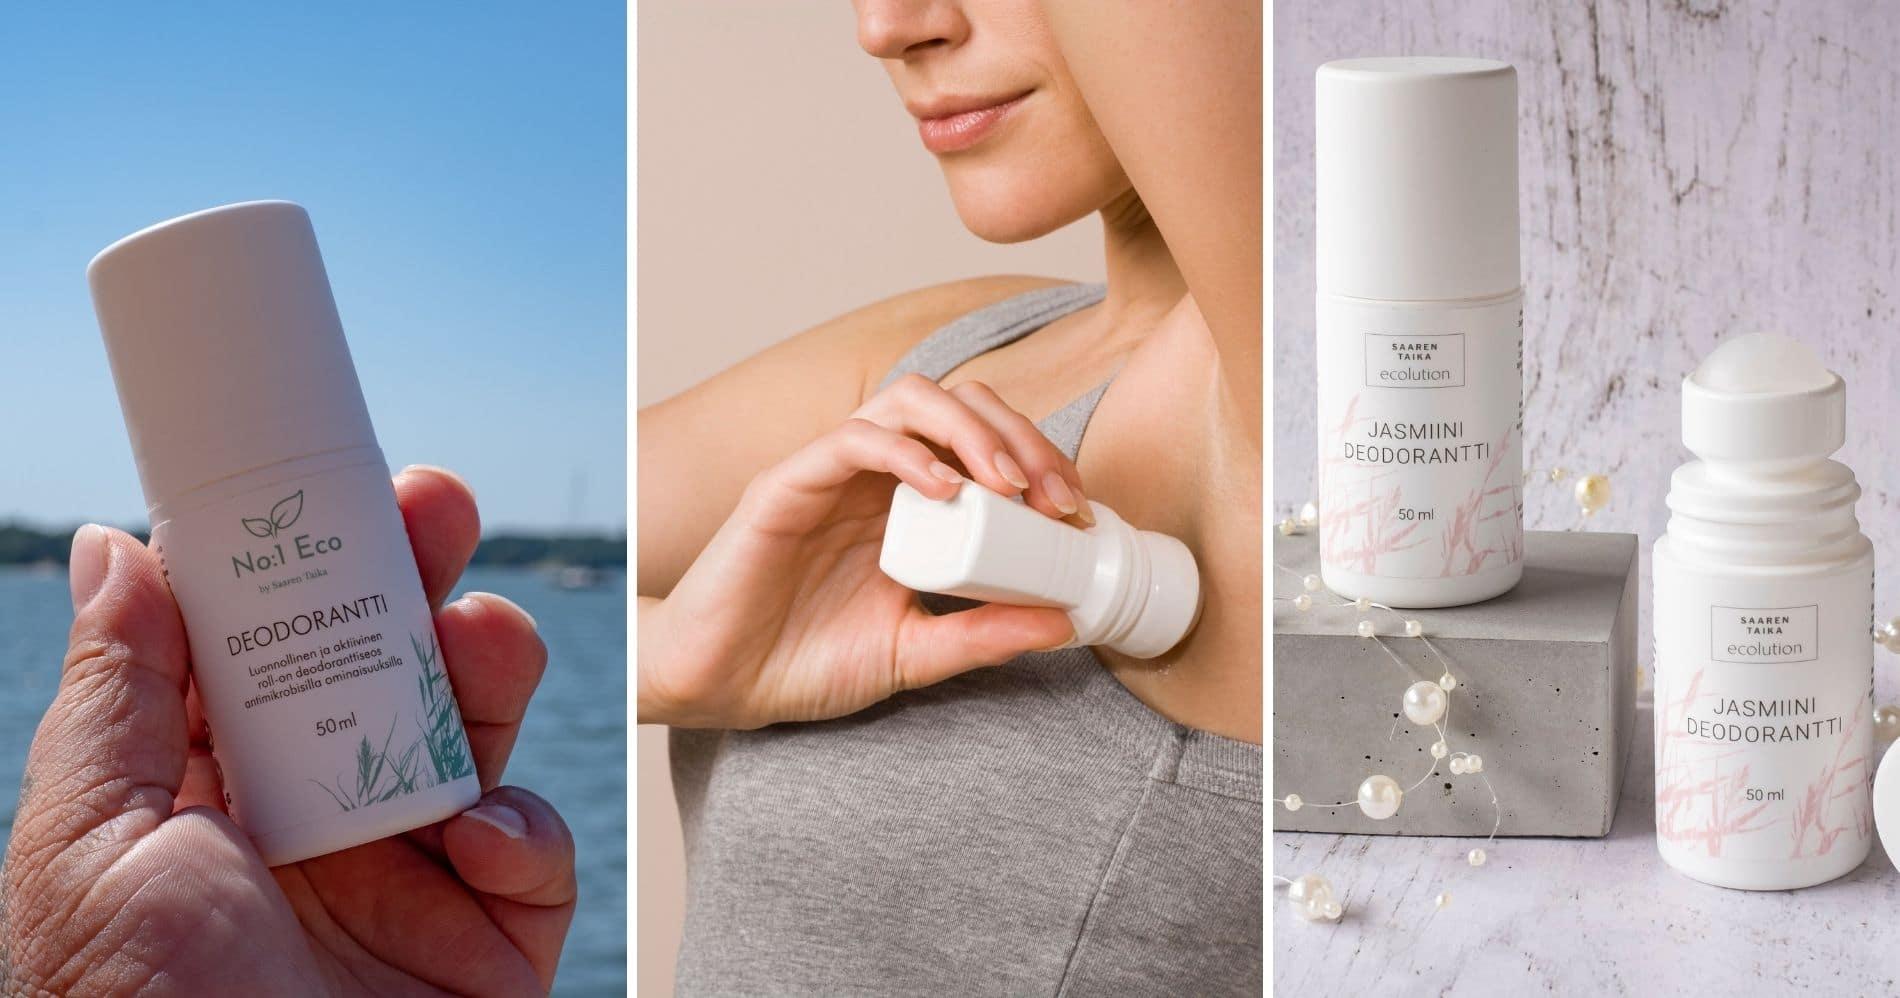 paras alumiiniton deodorantti saaren taika luonnonkosmetiika